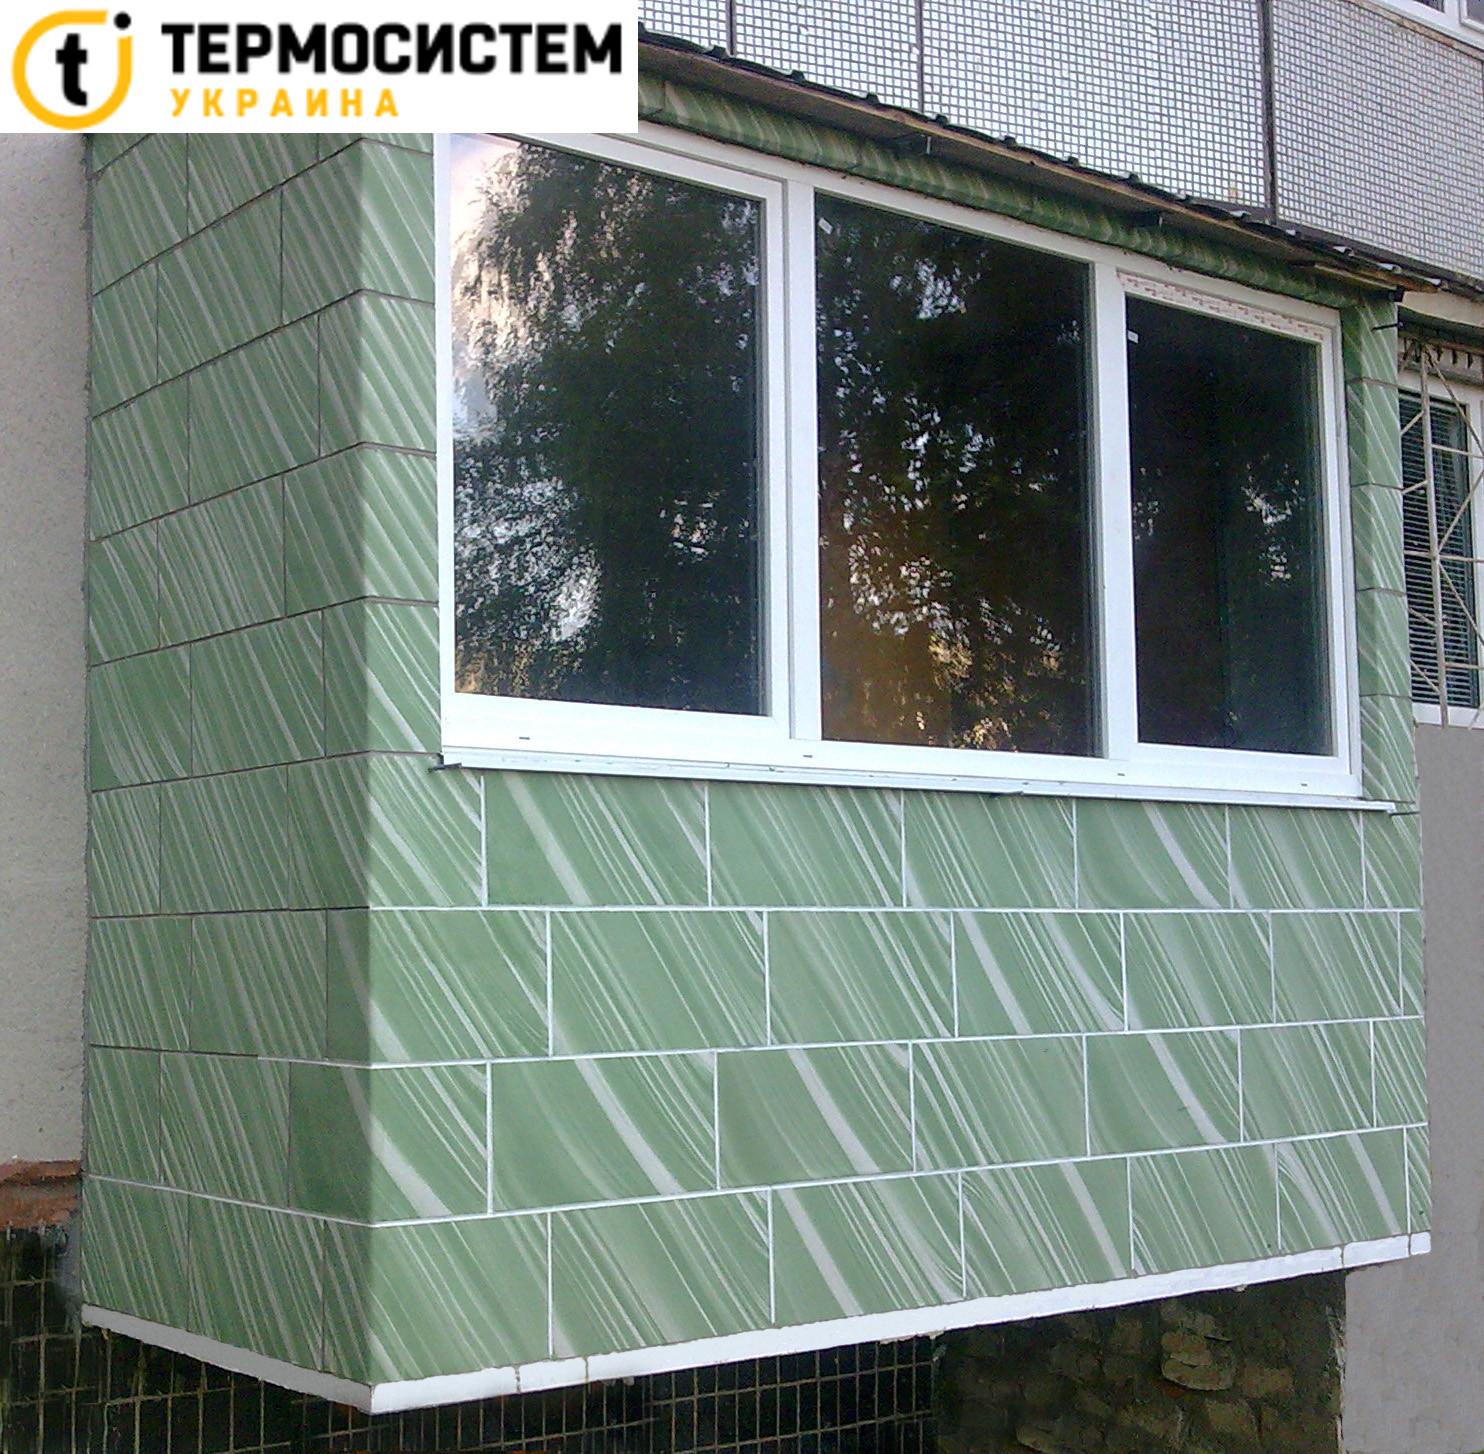 Дома утепление фото термосистем украина.